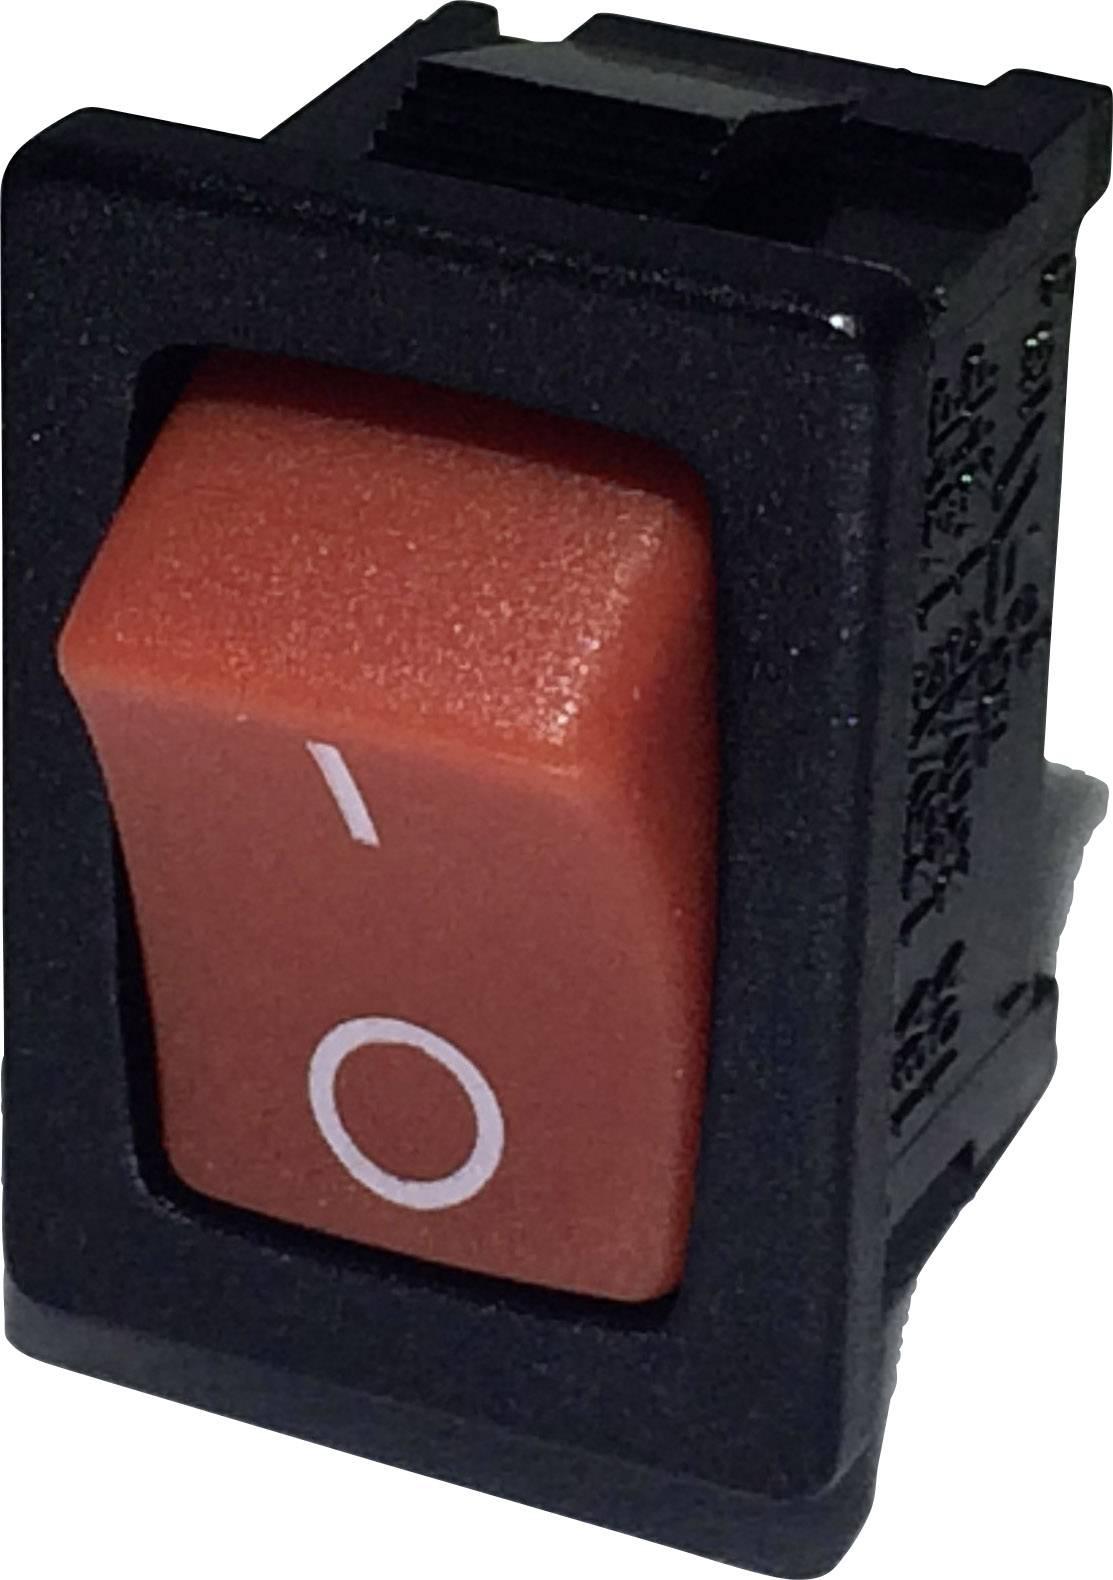 Kolískový spínač SCI R13-66A-02 s aretáciou 250 V/AC, 6 A, 1x vyp/zap, čierna, červená, 1 ks